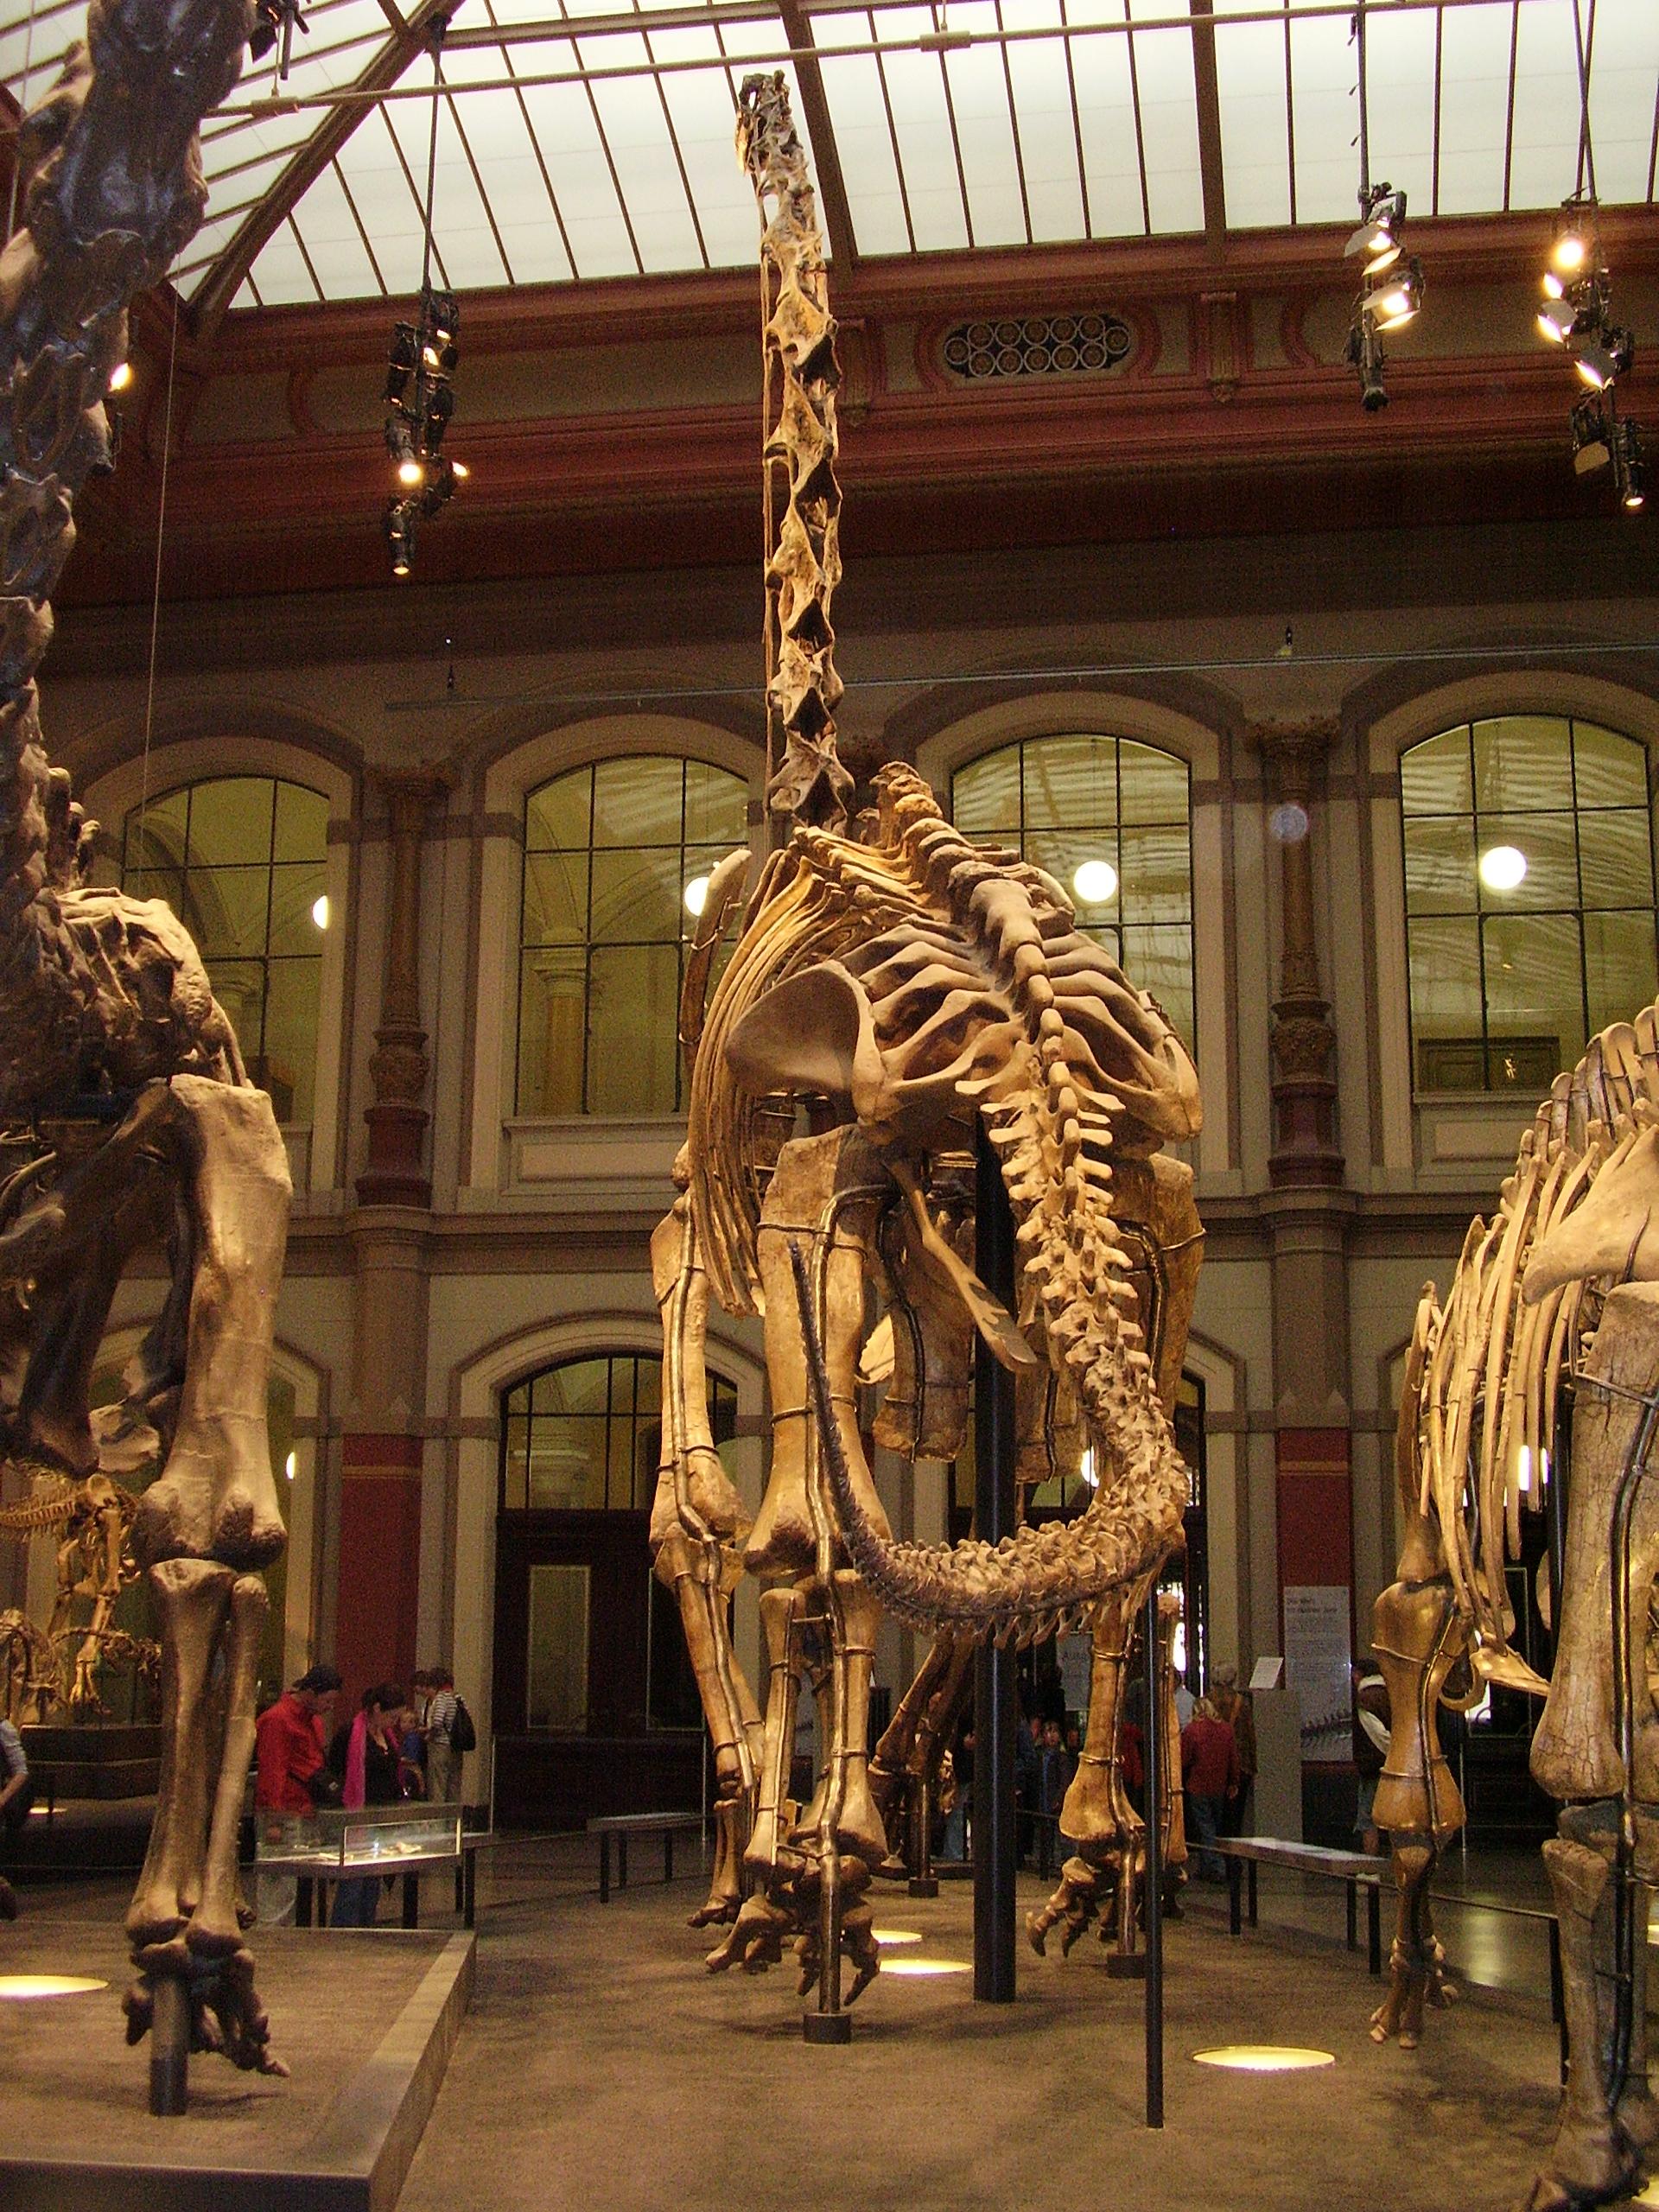 Kostra druhu G. brancai v berlínském Přírodovědeckém muzeu, pohled zezadu. V roce 2007 byla tato kompozitní replika přesně změřena a s výškou 13,27 metru zapsána do Guinessovy knihy rekordů jako nejvyší smontovaná dinosauří kostra